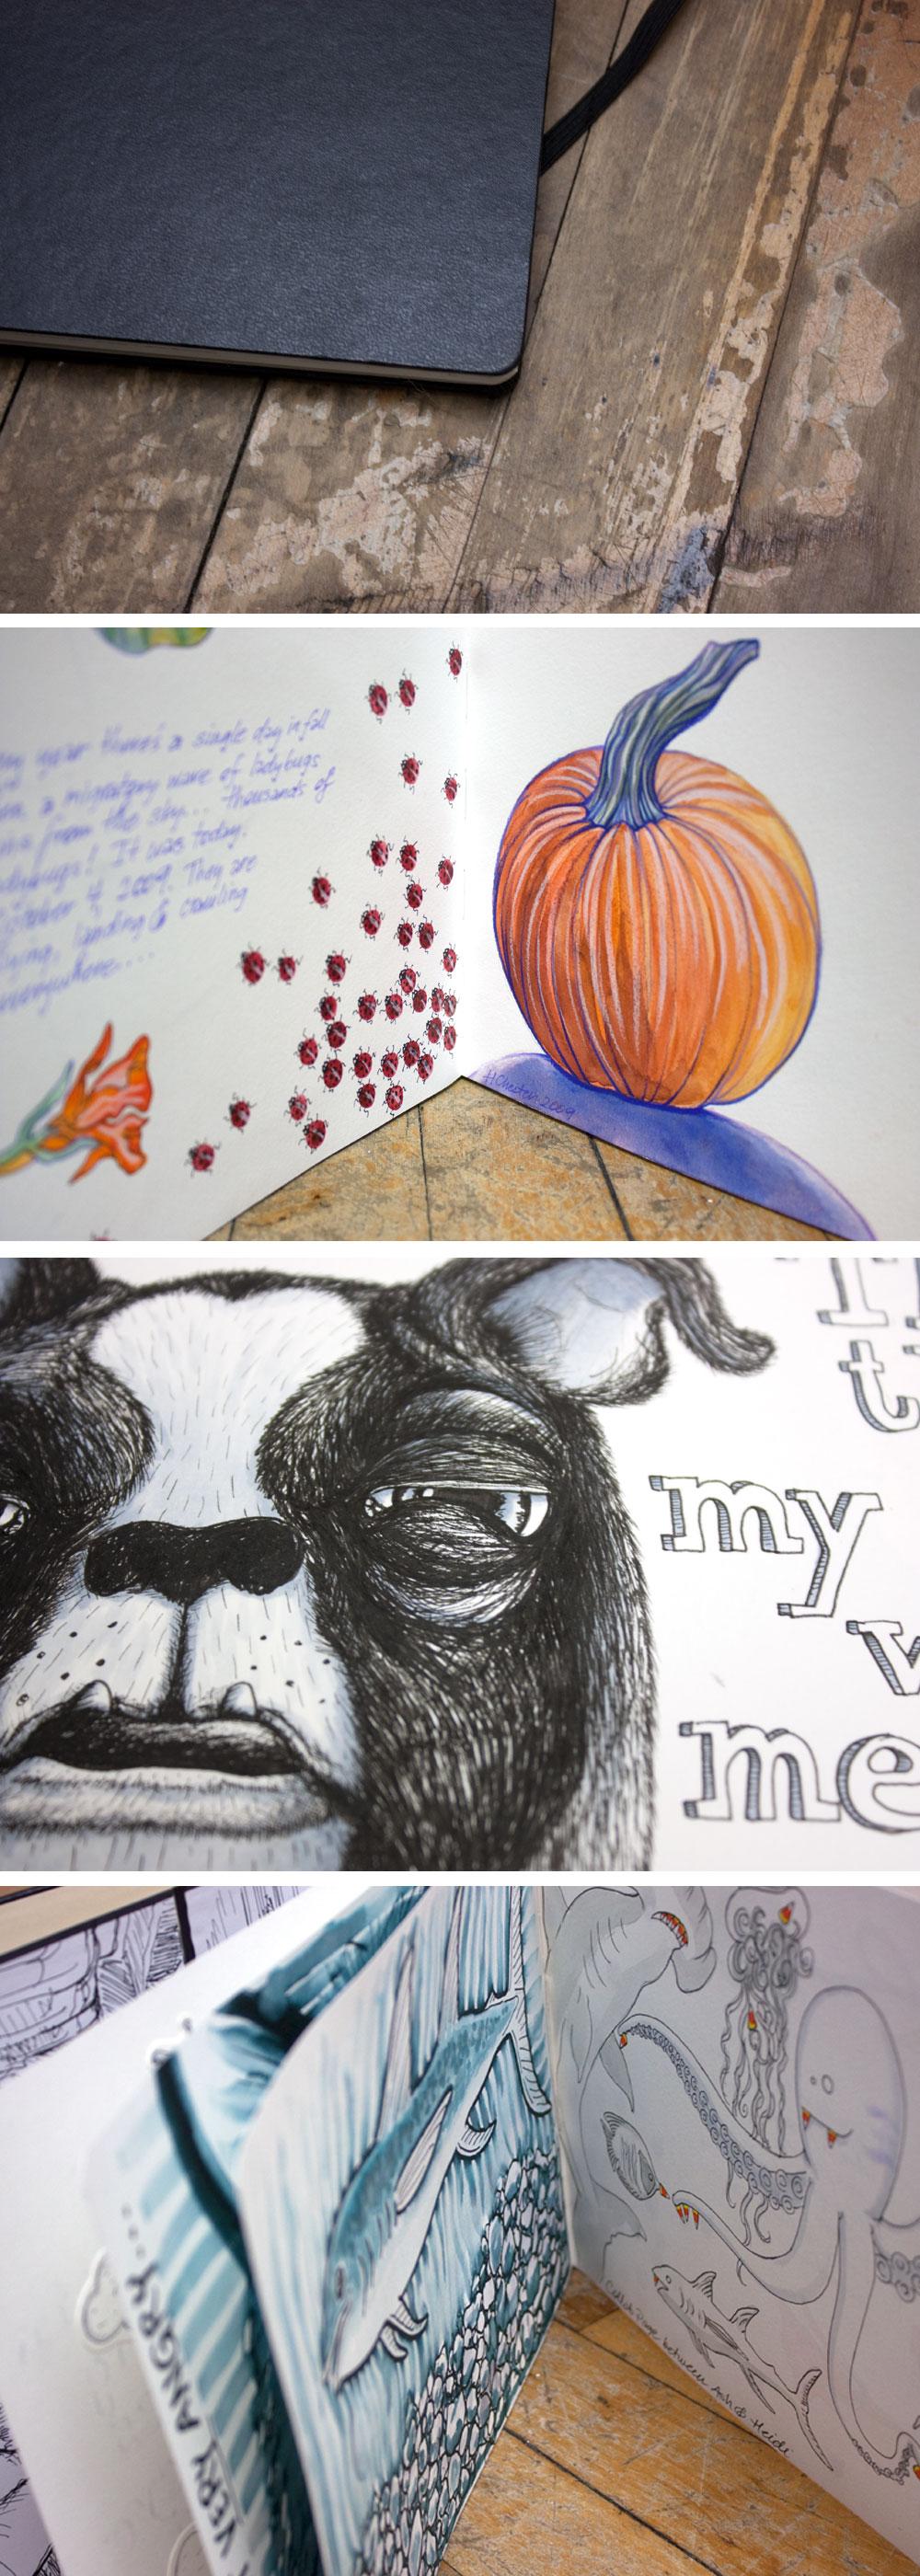 Ashe's-sketchbook